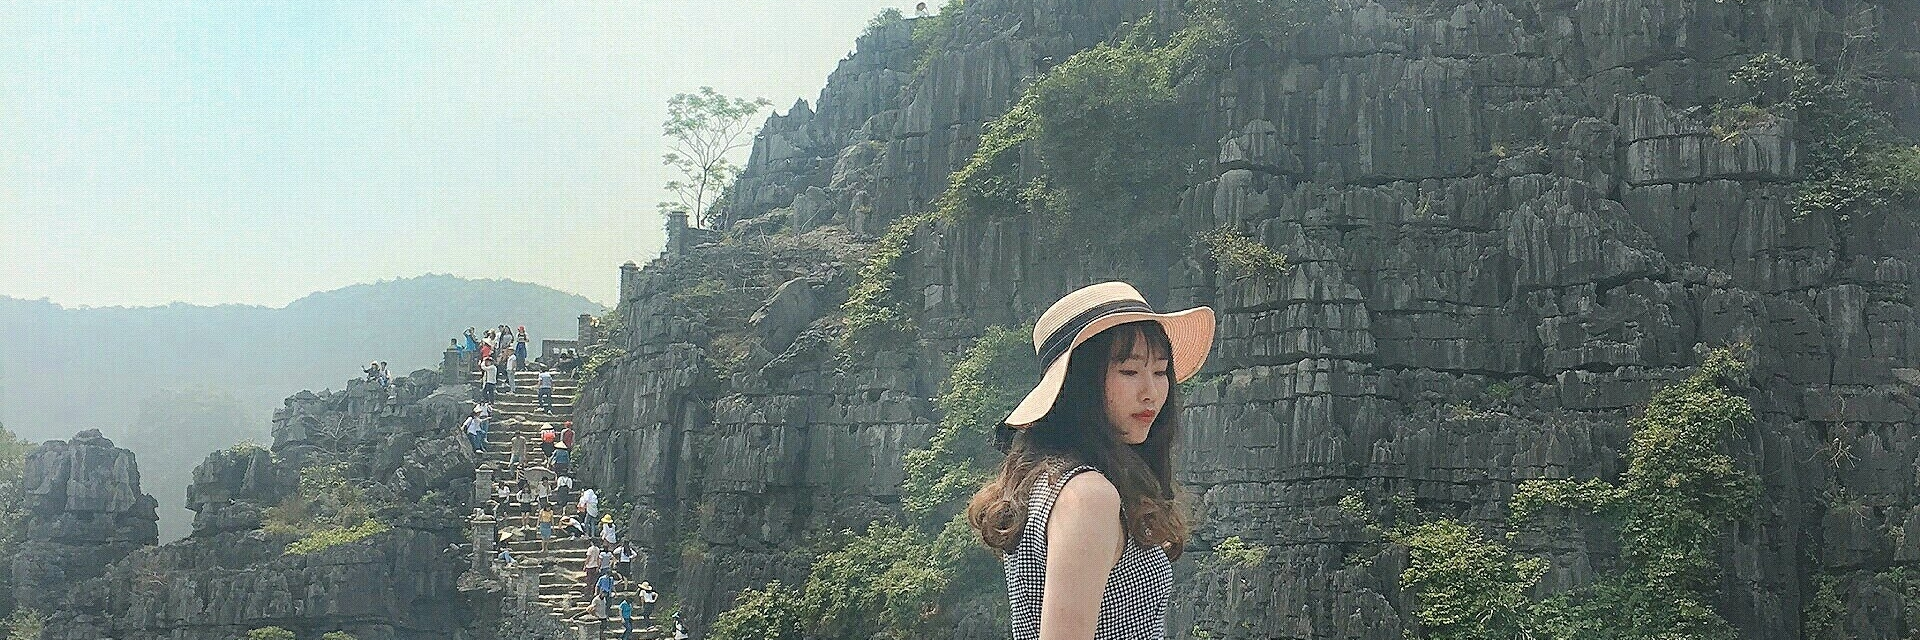 https://gody.vn/blog/13573600744209135344/post/nghe-nhu-ly-mac-sau-dang-dau-dau-doi-nguoi-tren-dinh-hang-mua-3629